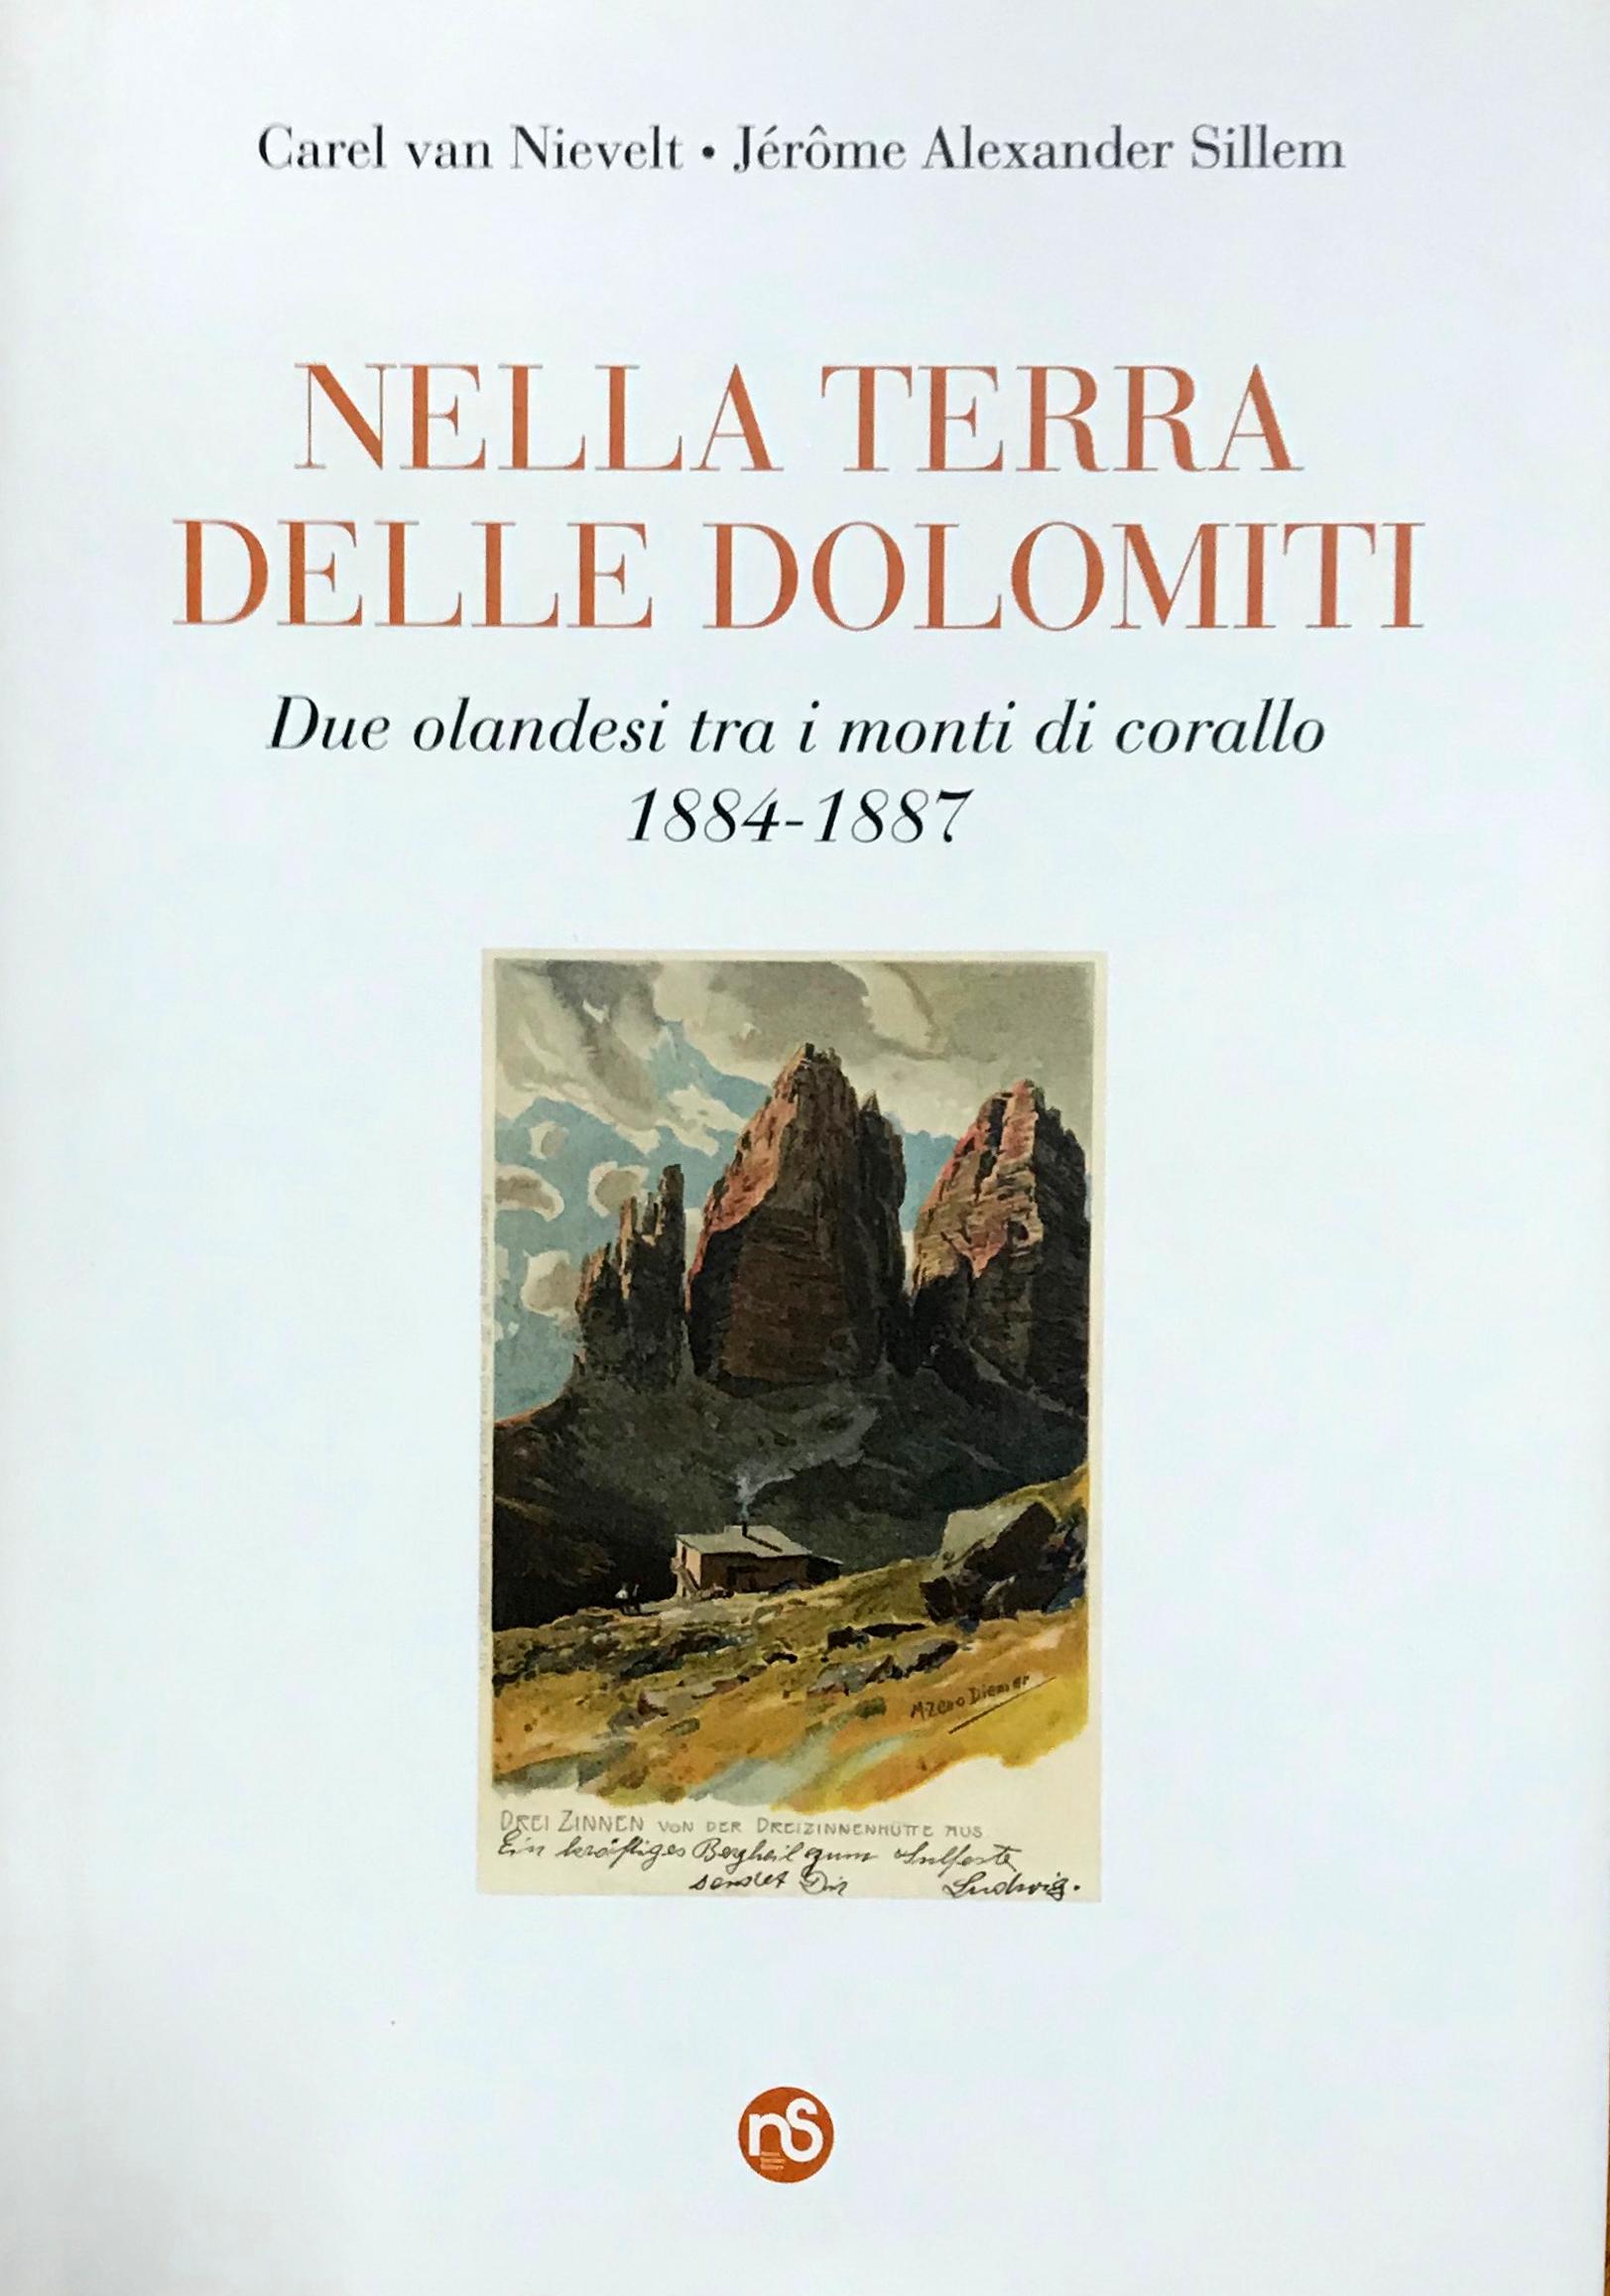 biblio cover nella terra delle dolomiti